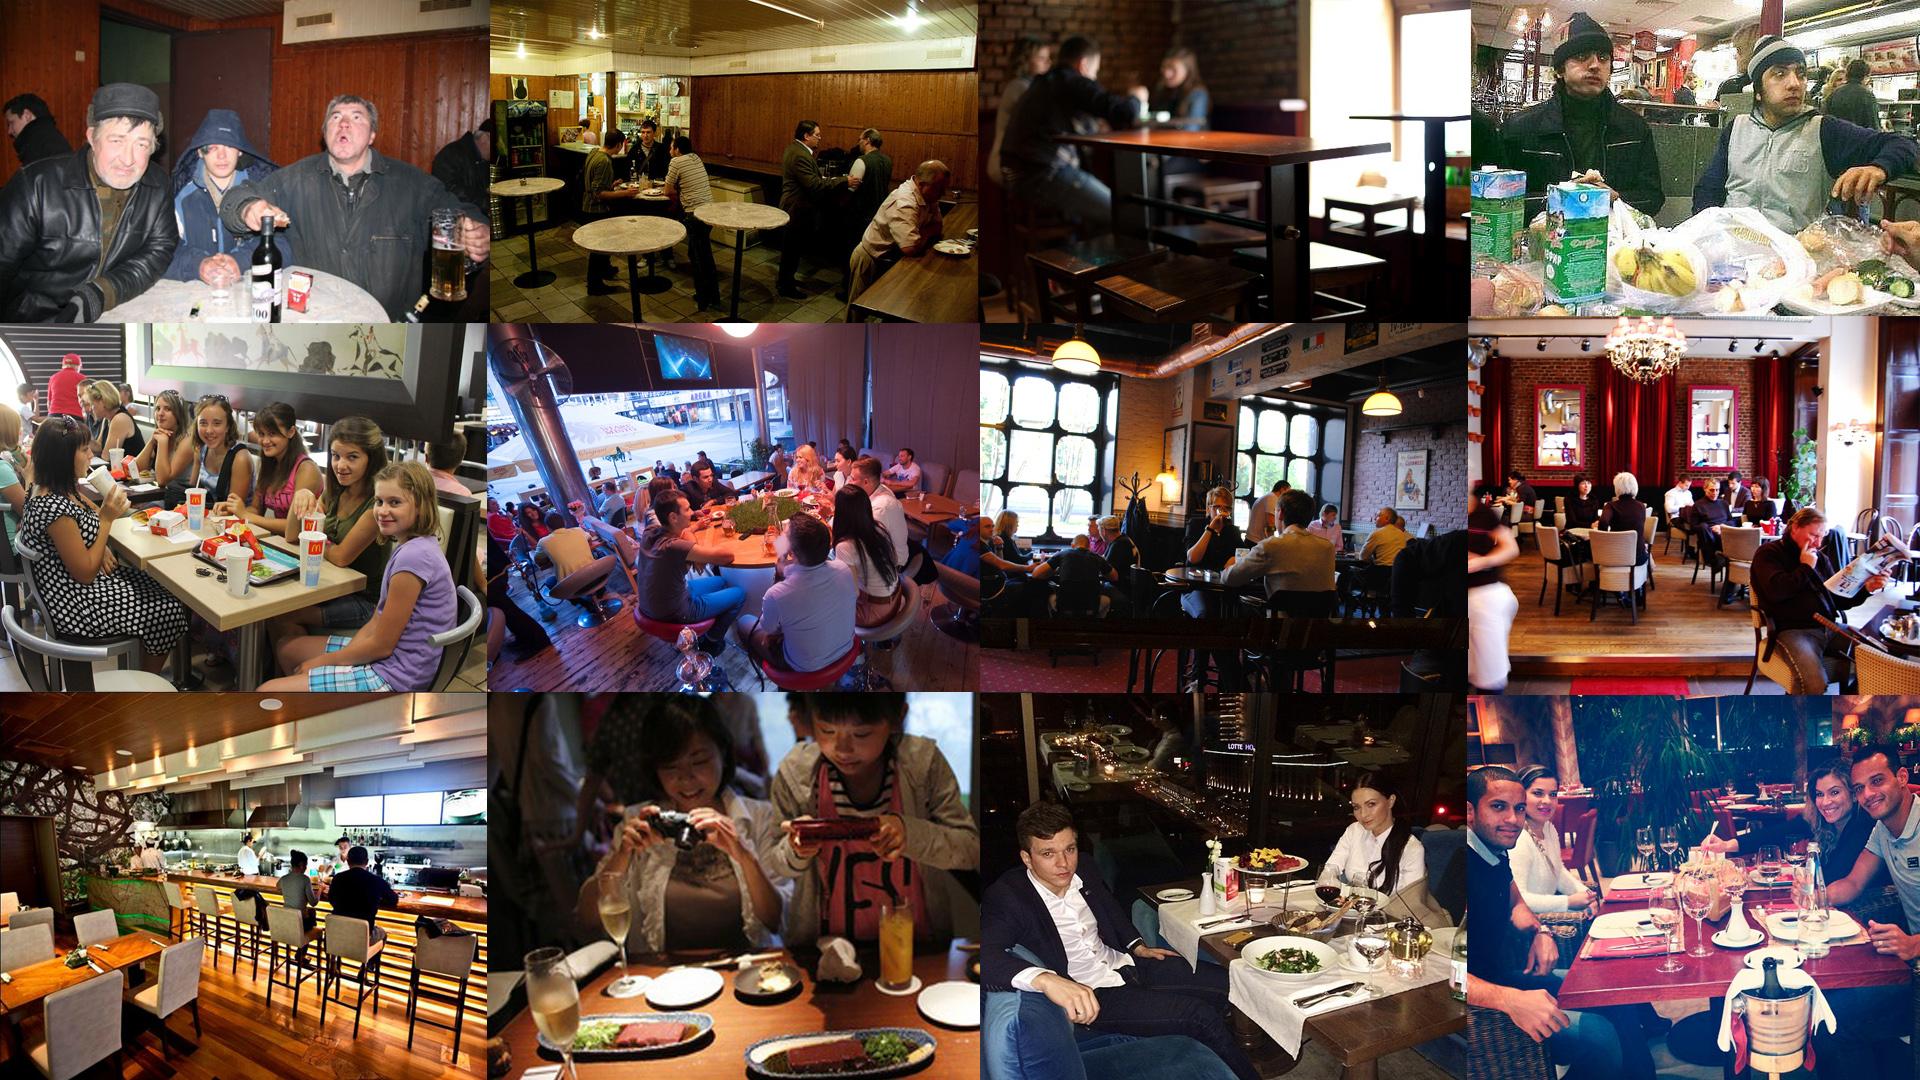 Смотреть секс в ресторане где могут участвовать посетители фото 497-306